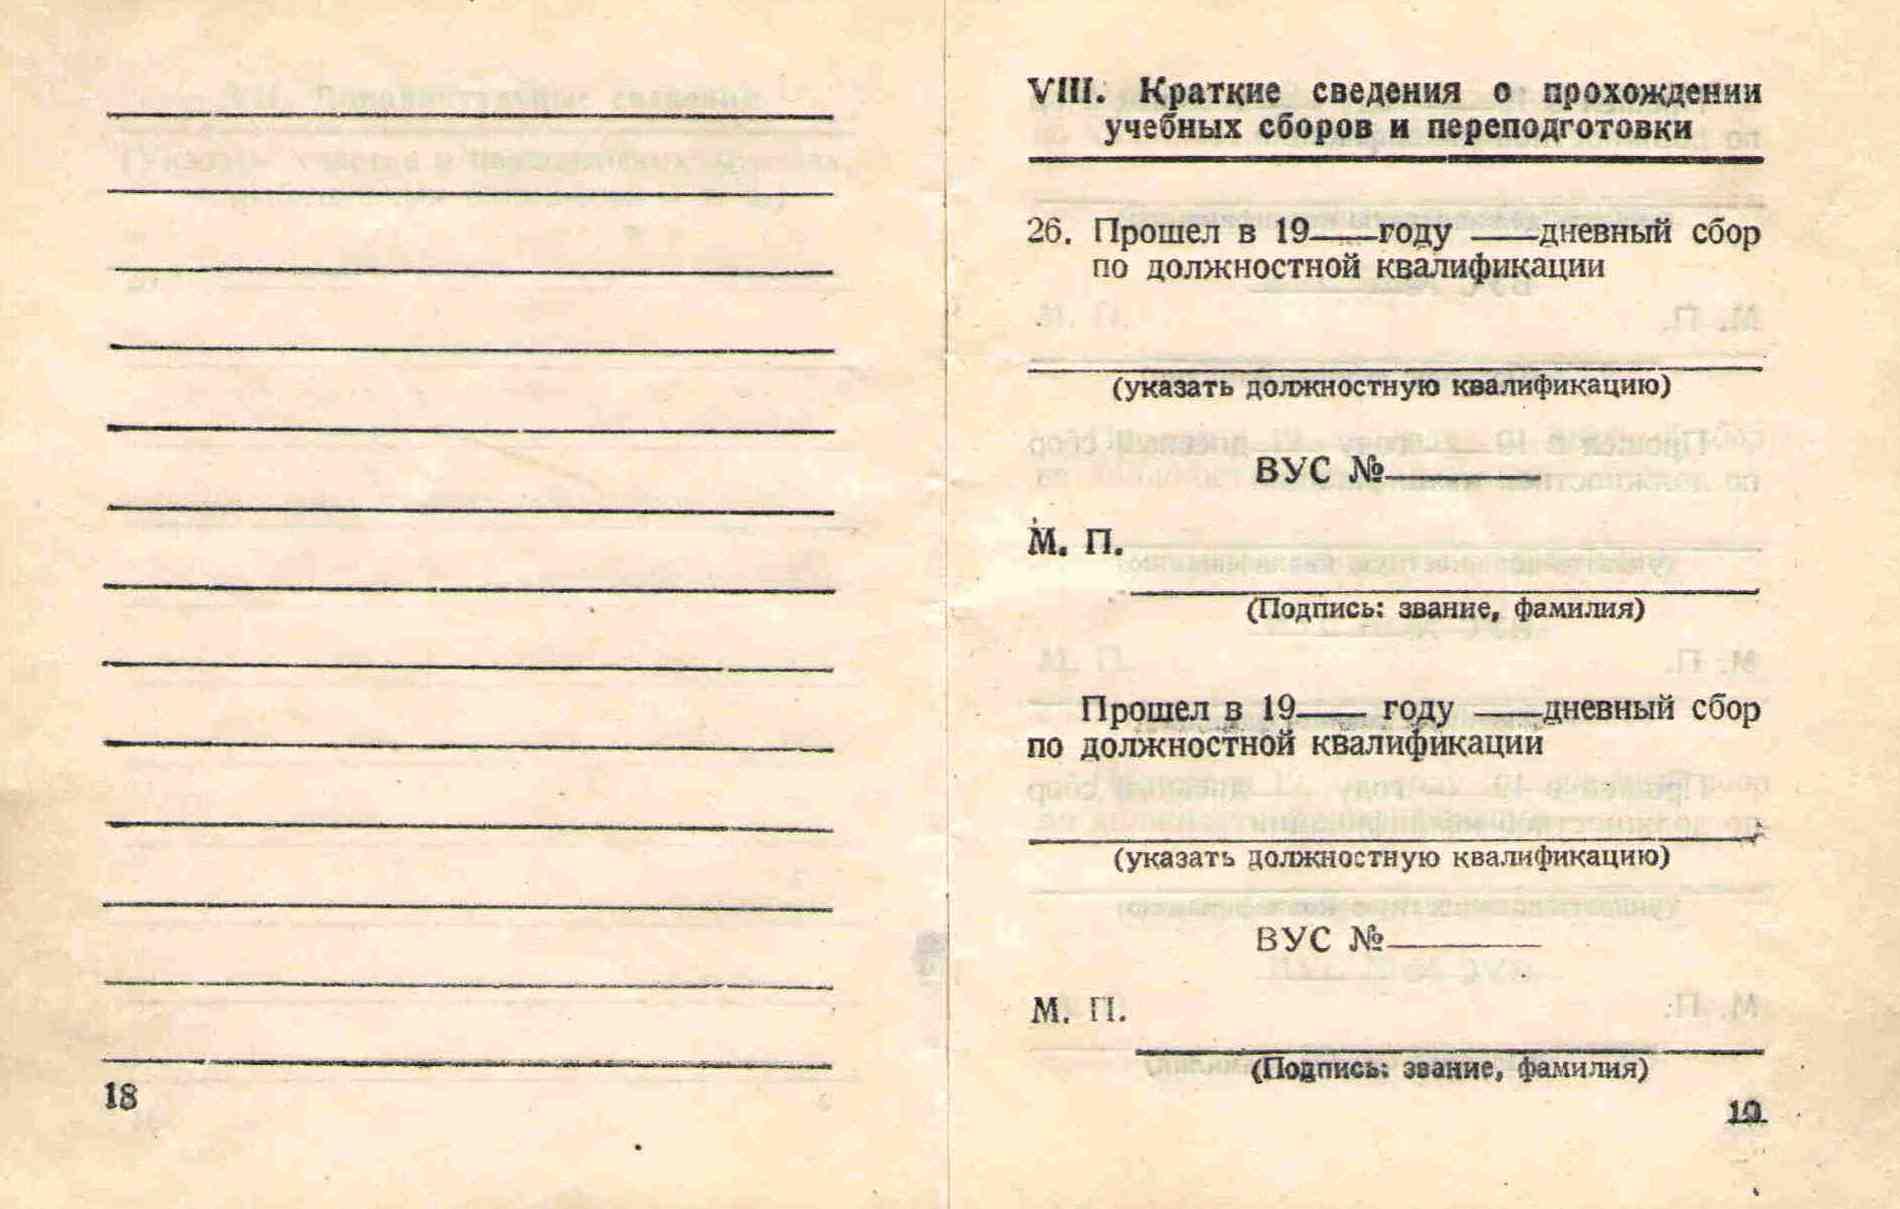 11. Военный билет Барыкина ПП,1948.